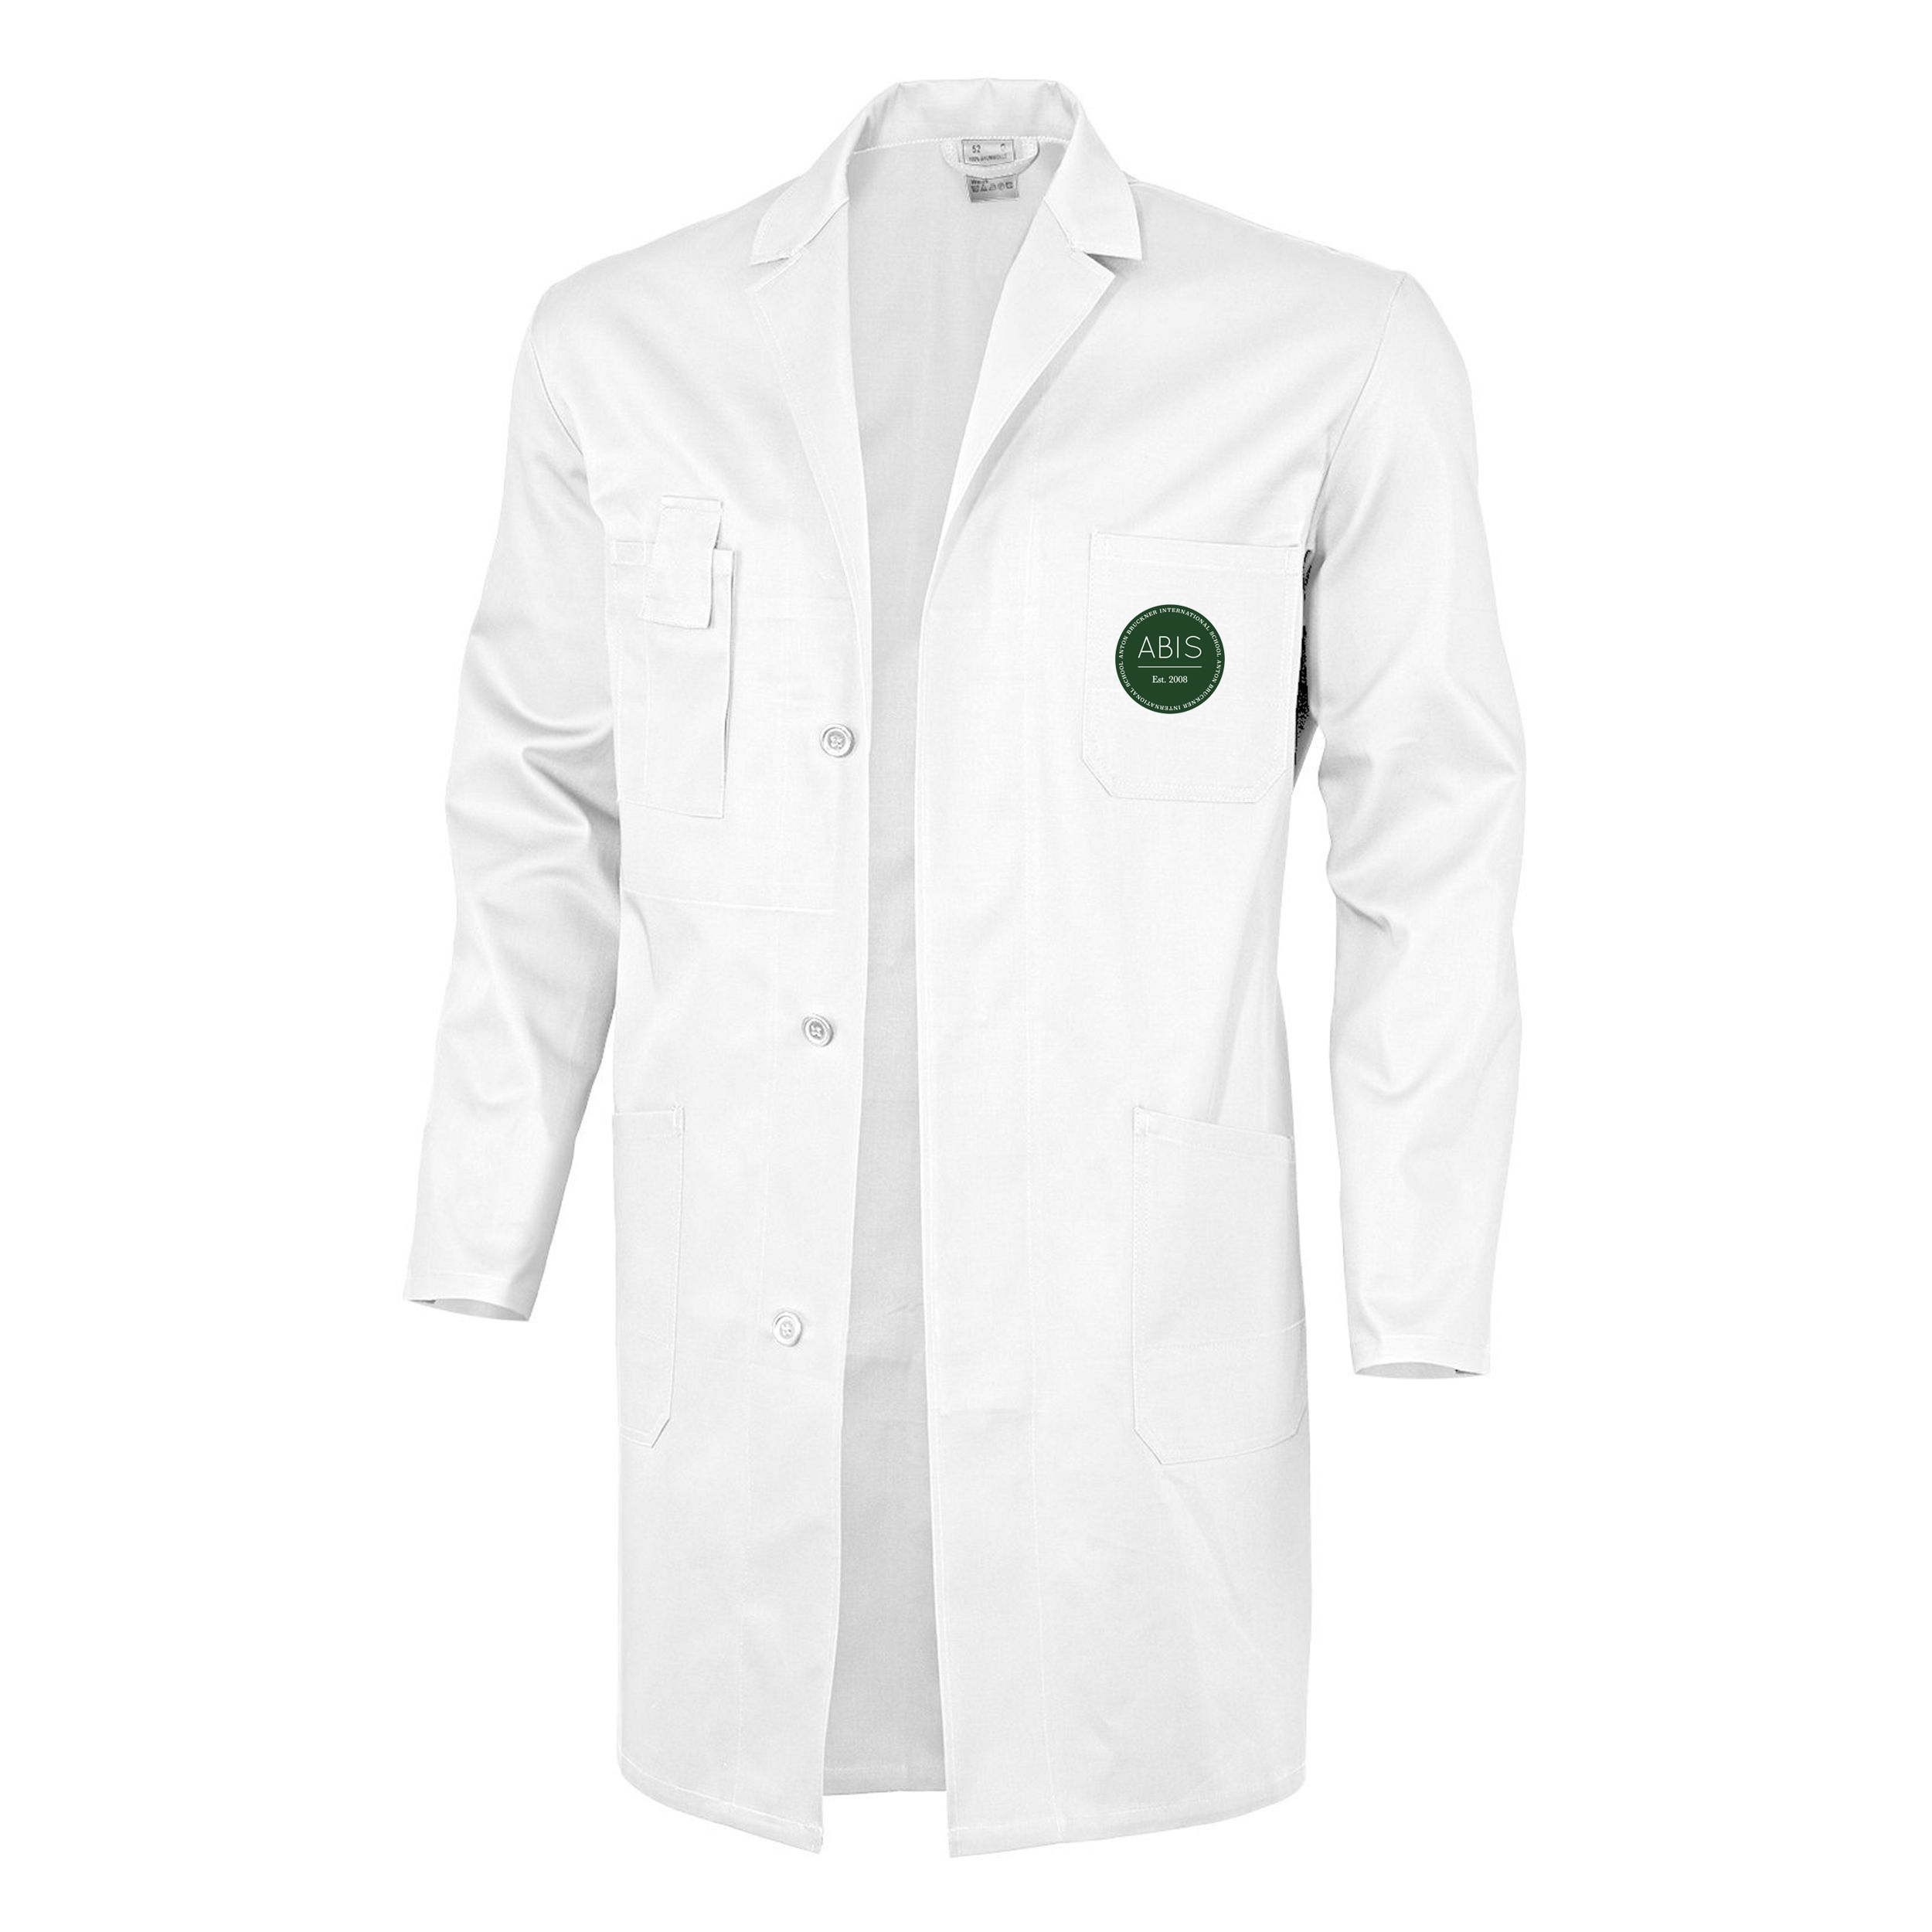 ABIS Labor Coat